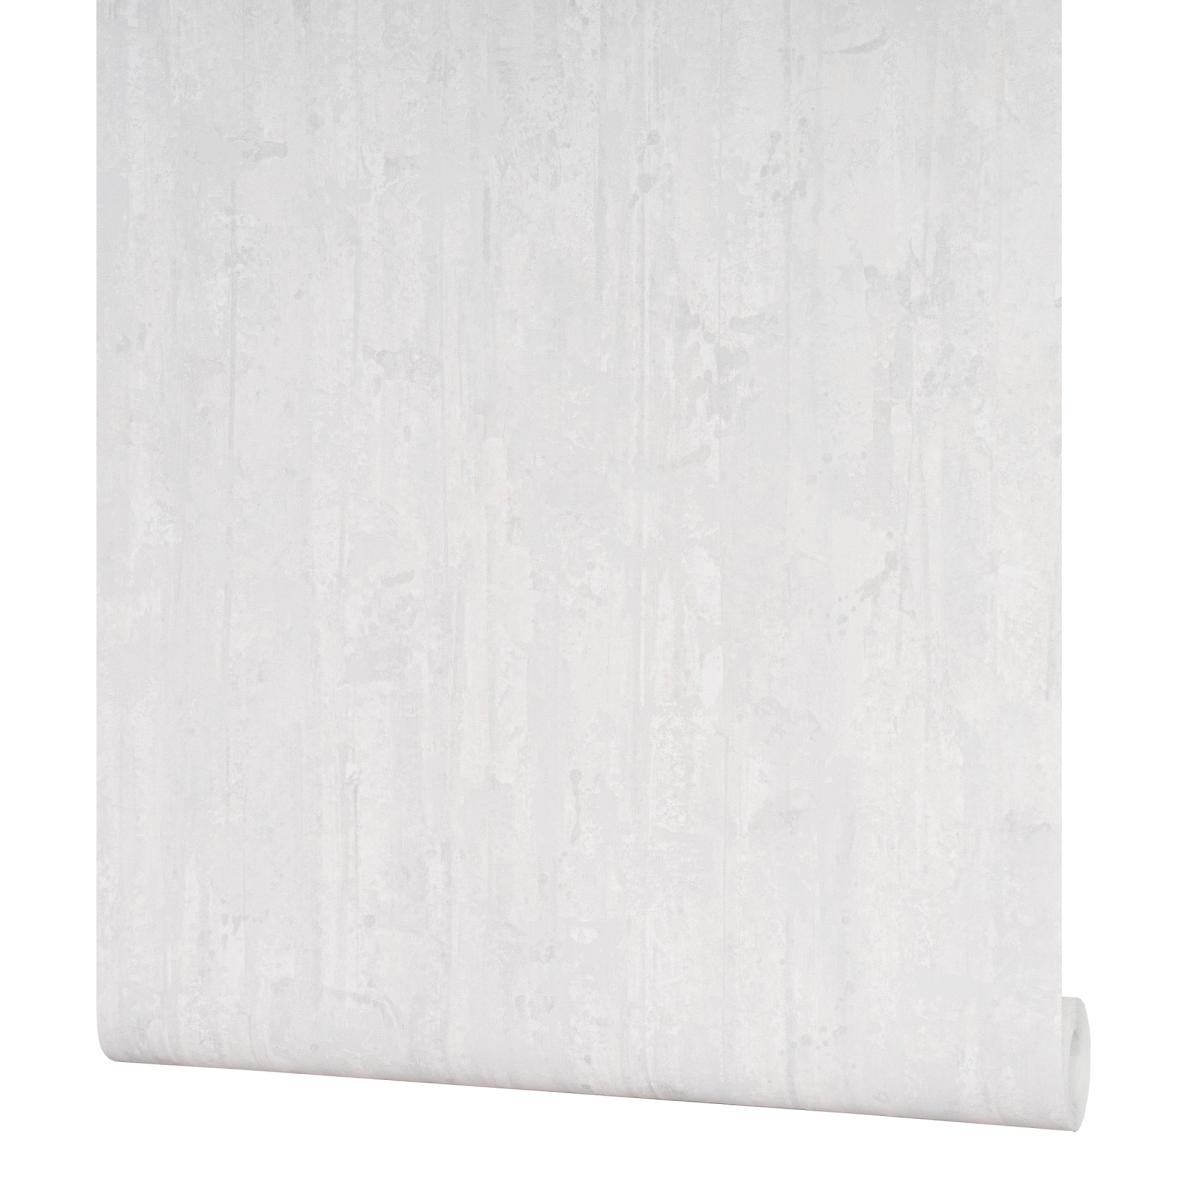 Обои флизелиновые Dekens Wallcoverings Nv Dekens Stylish белые 100412 0.53 м